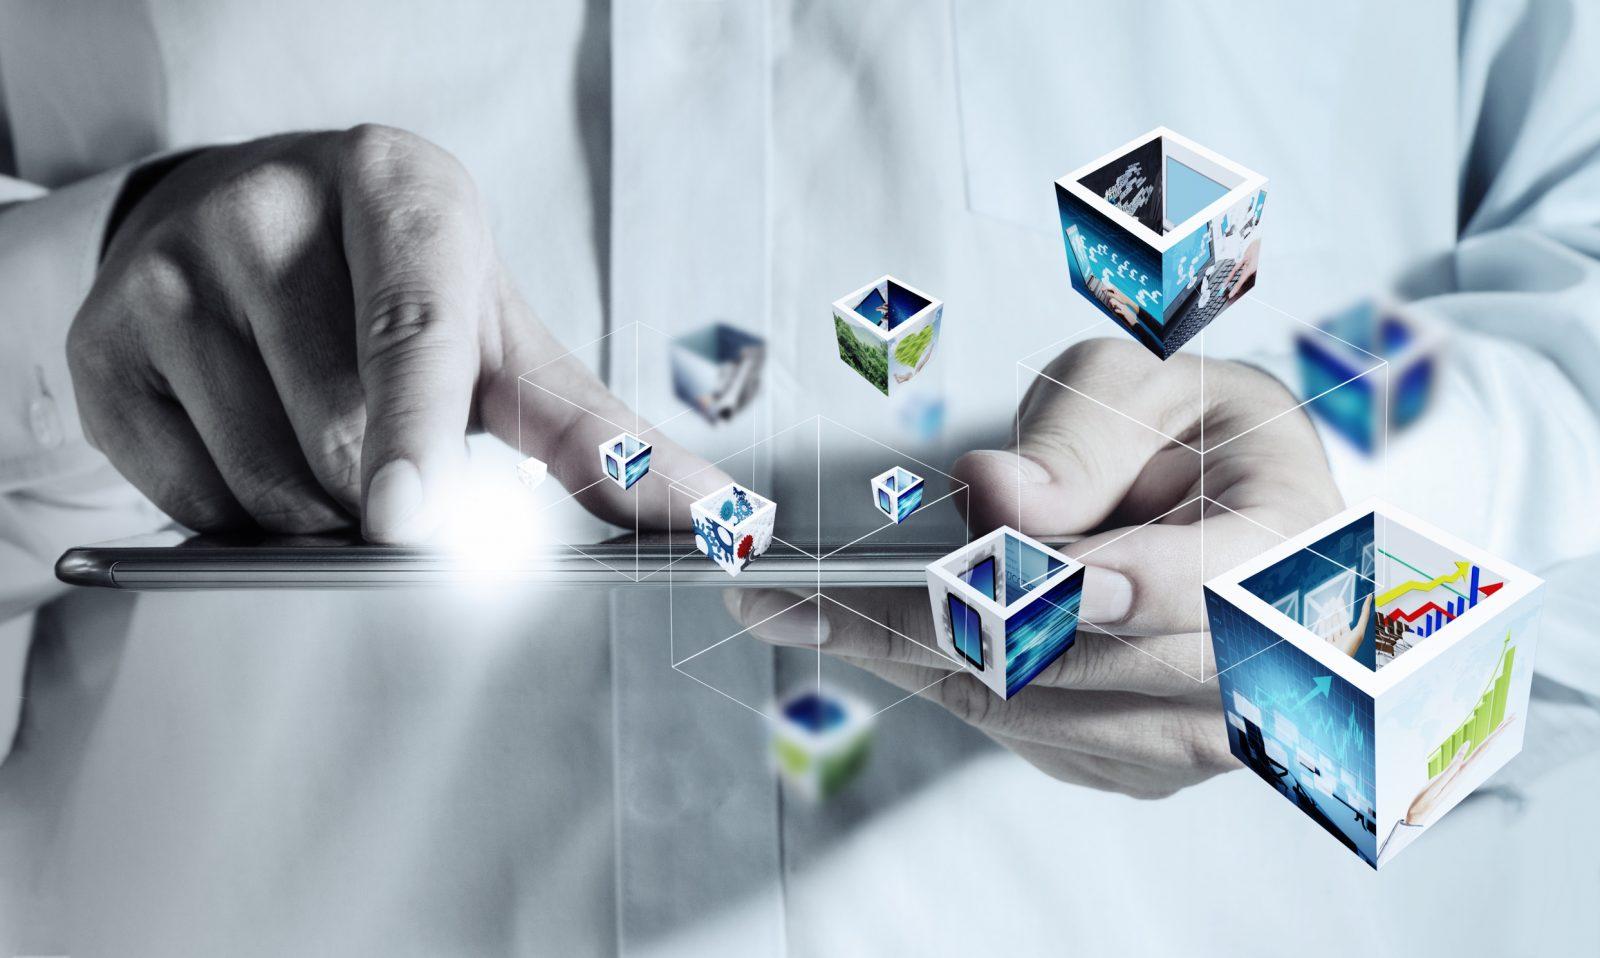 فناوری اطلاعات-بازاریابی